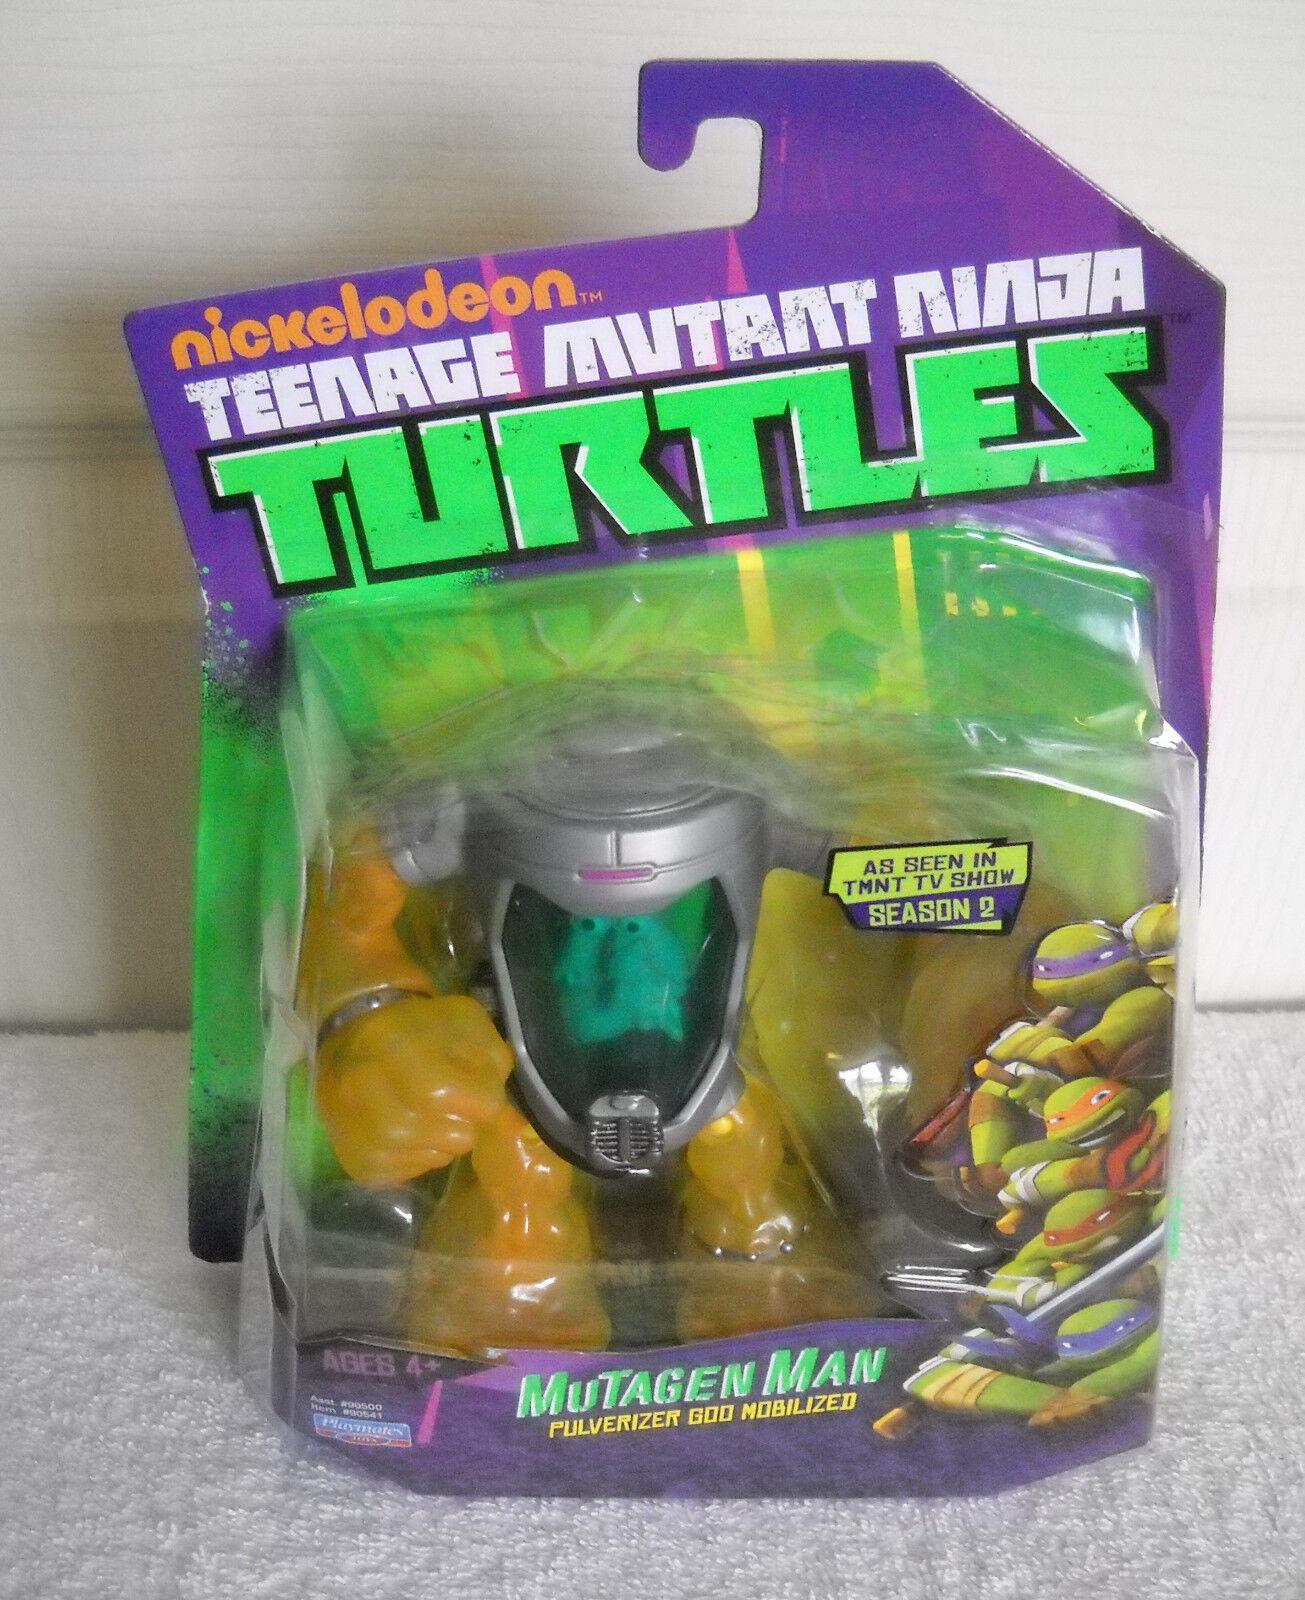 5666 NRFC Playmates Teenage Mutant Ninja Turtles Mutagen Man Figure